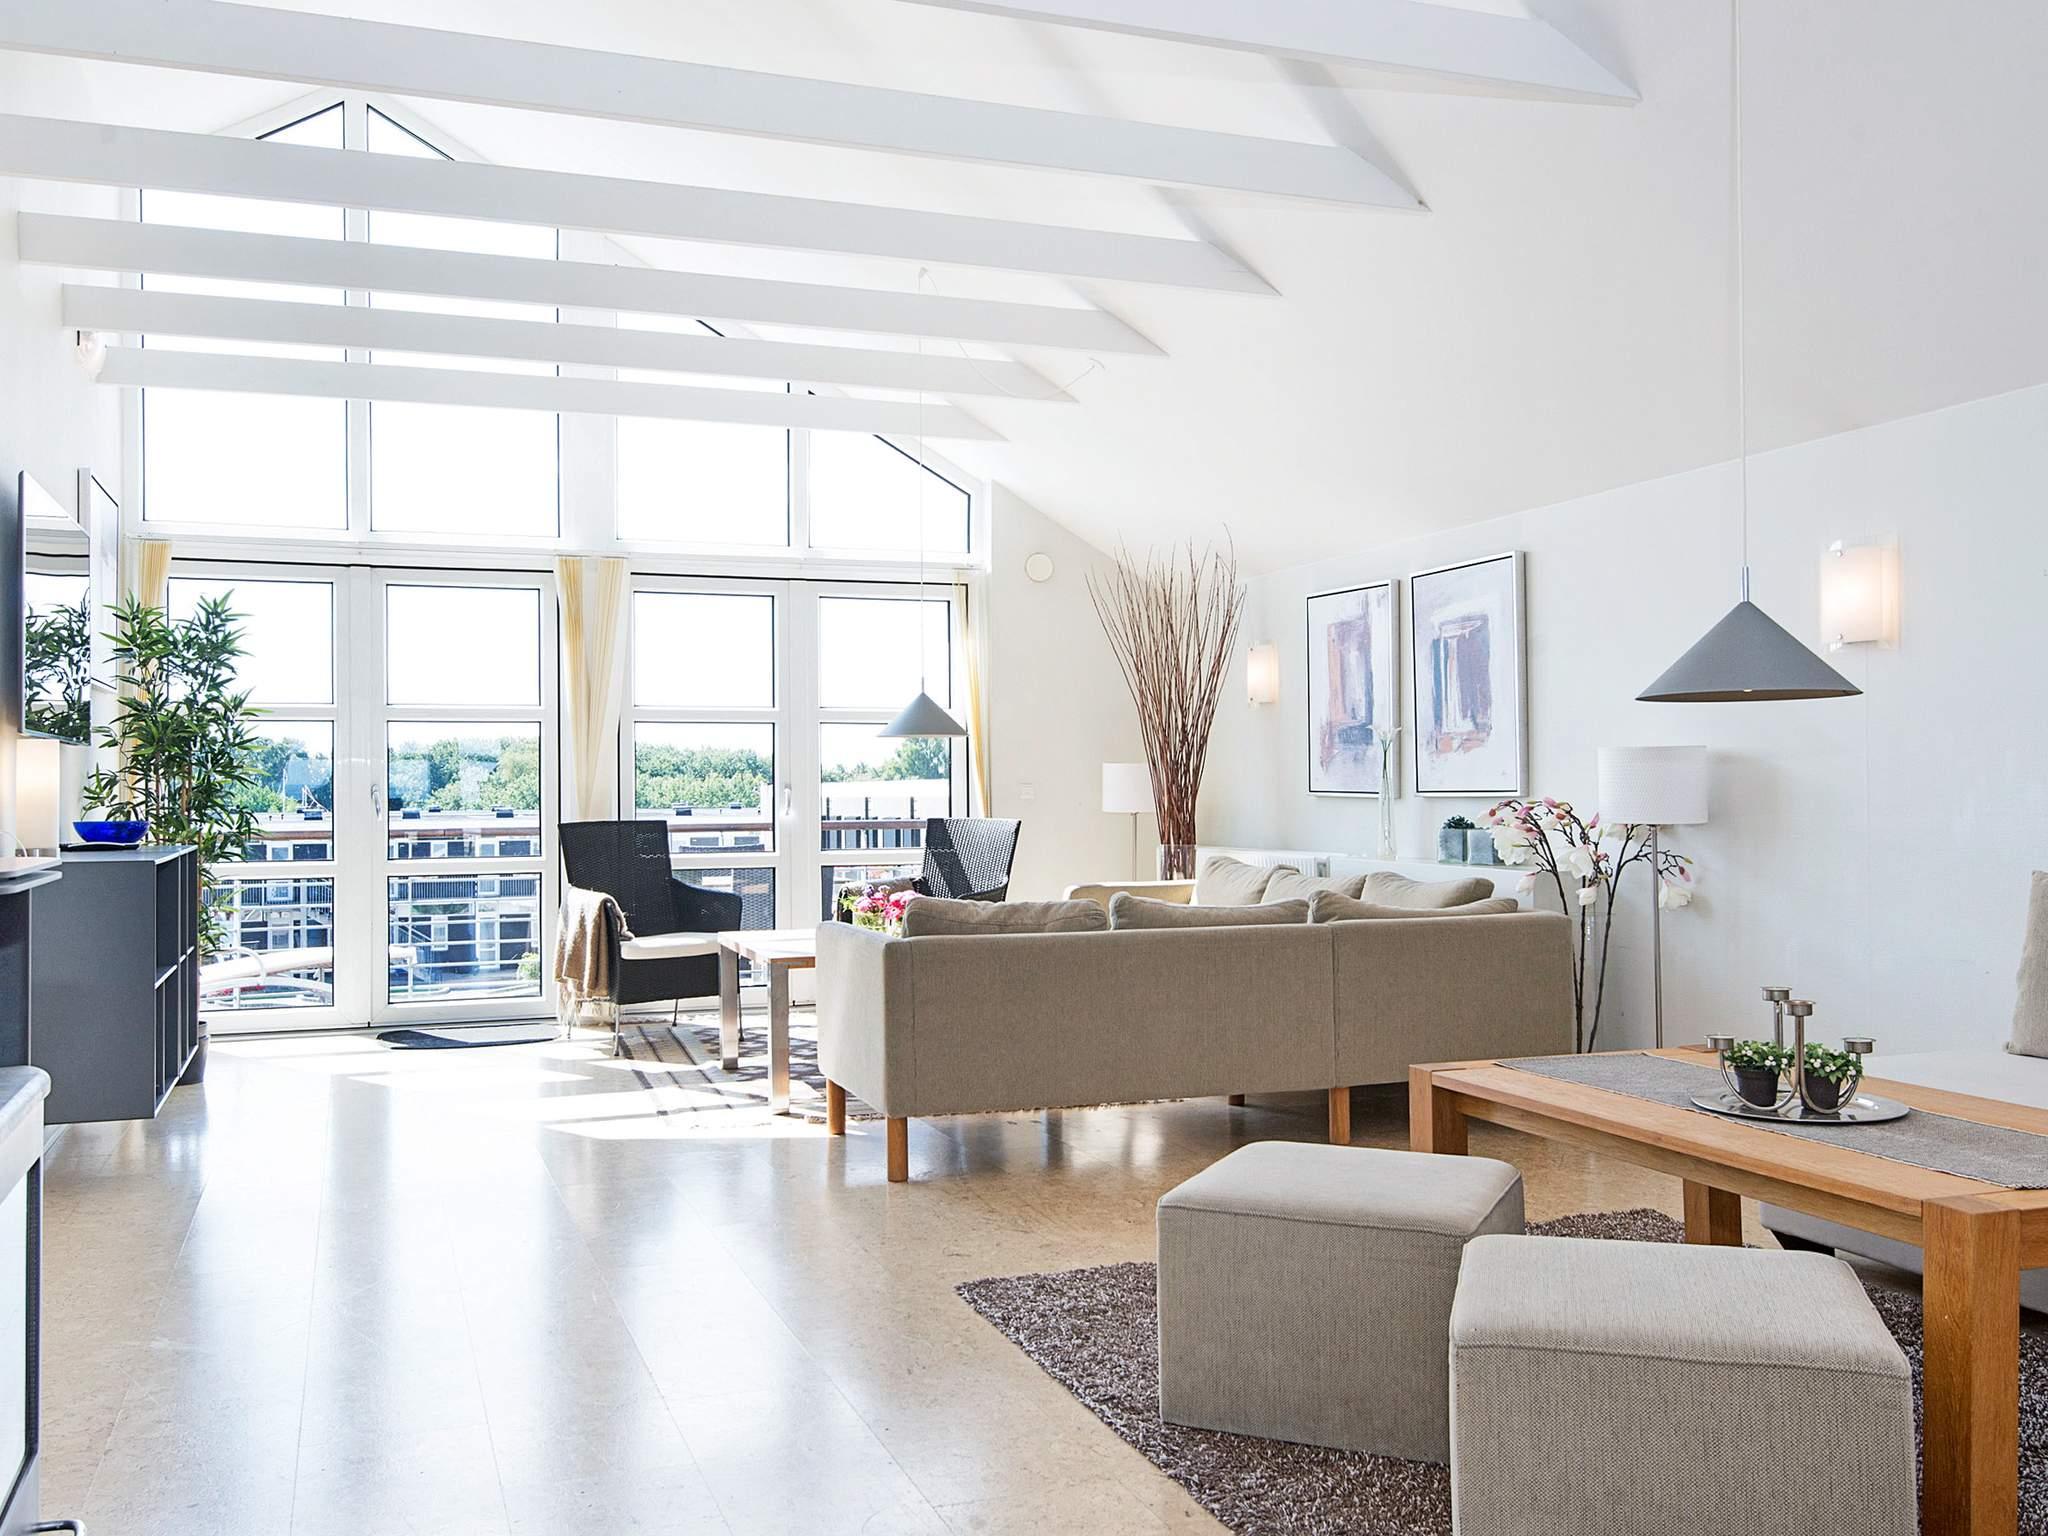 Ferienwohnung Bønnerup Strand - Typ 3 - 3 Zimmer,Erdg. oder 1.stock (1719344), Bønnerup, , Ostjütland, Dänemark, Bild 4